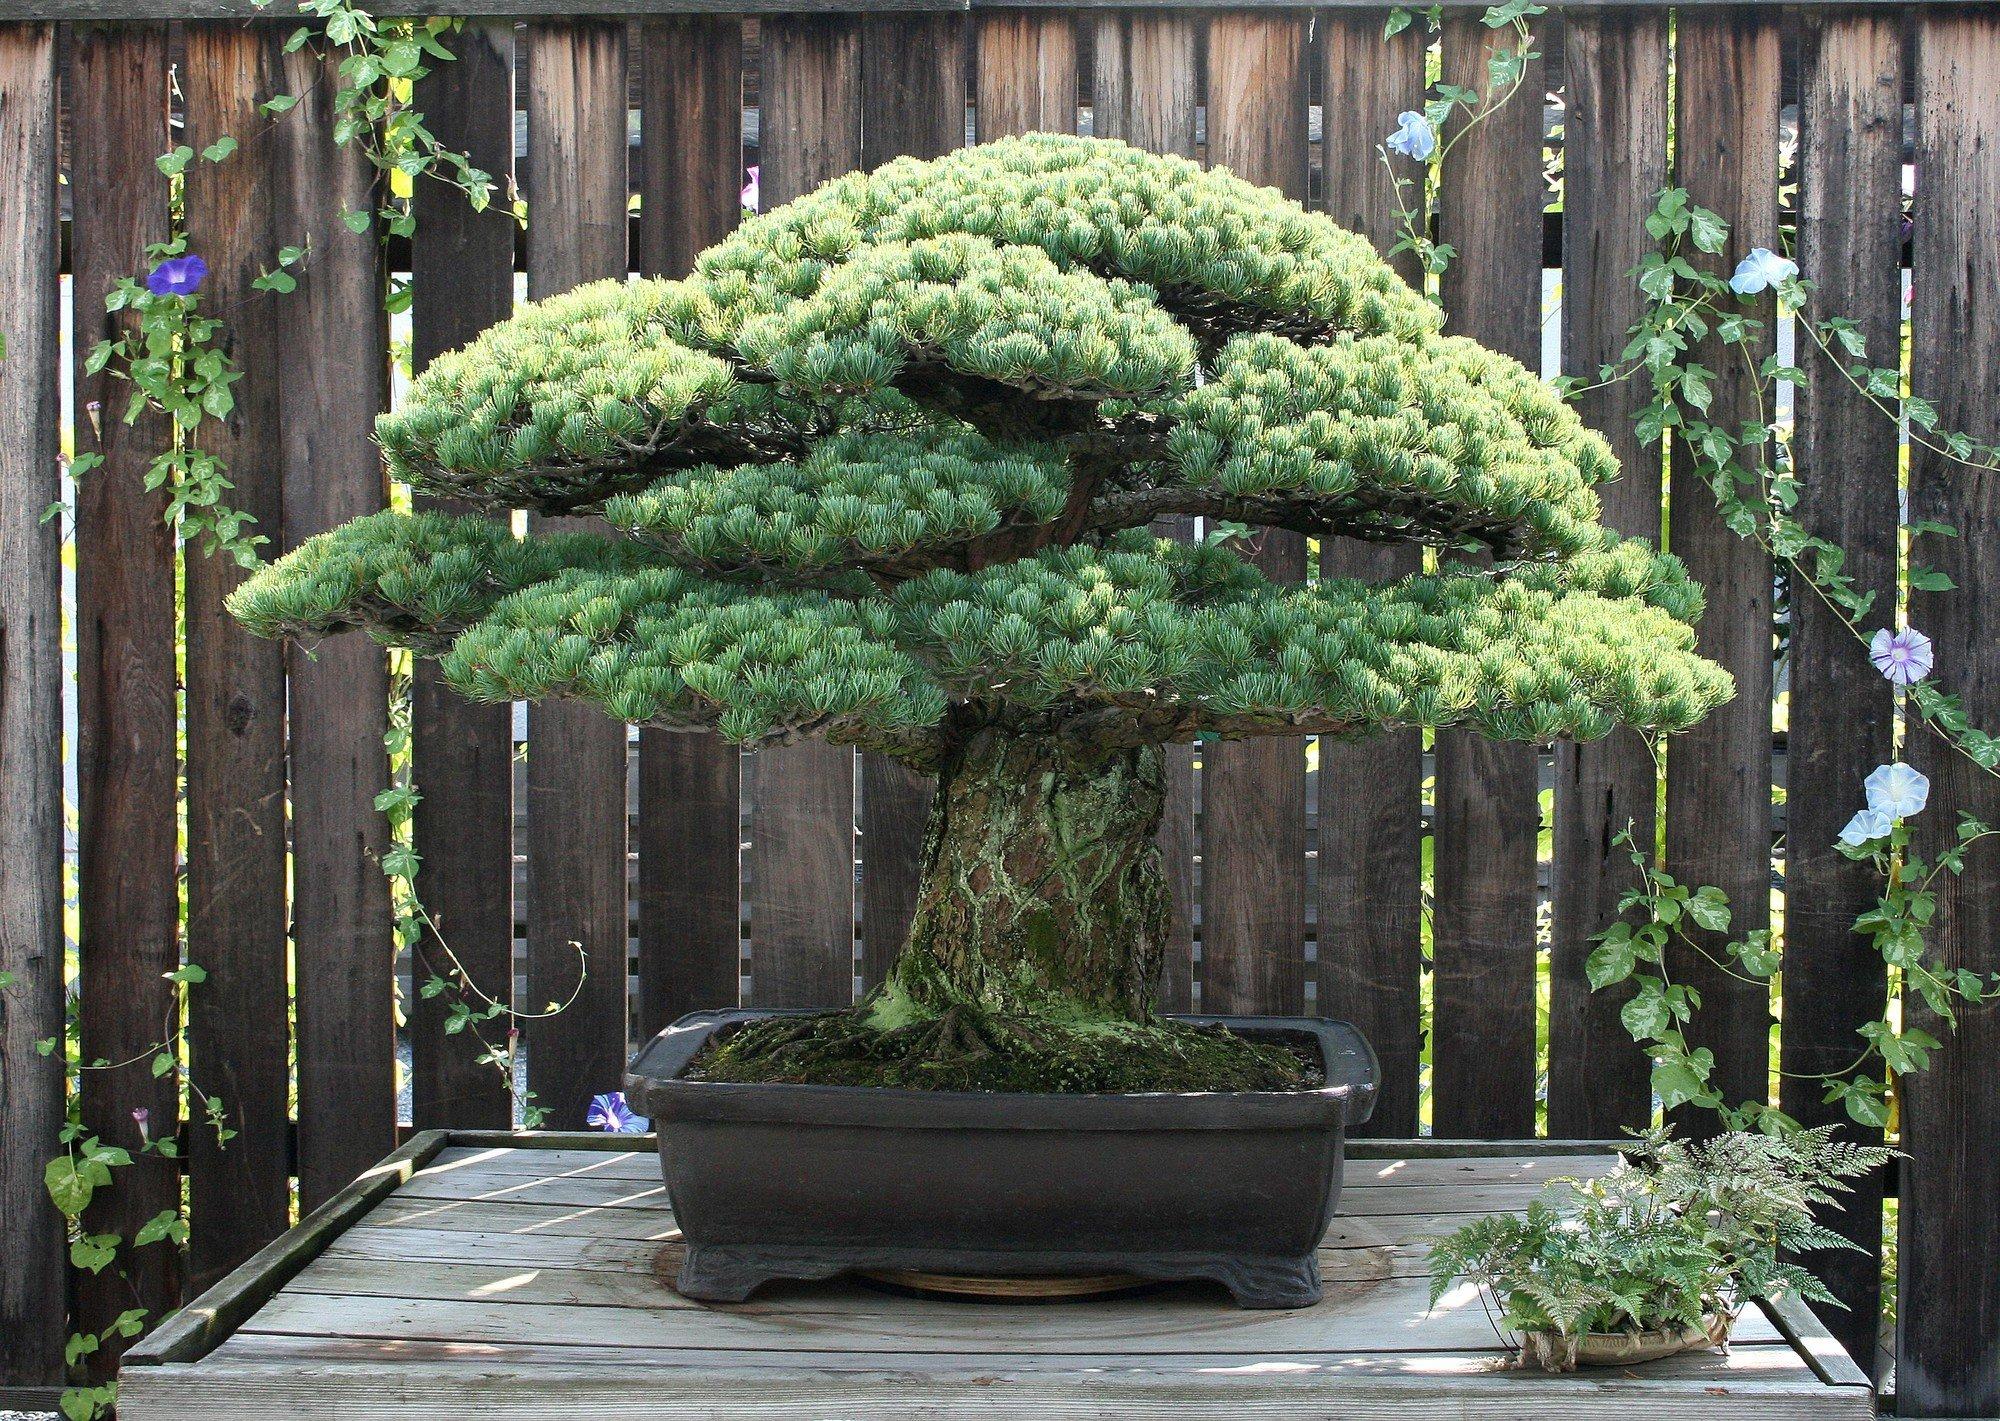 Câu chuyện của cây bonsai Nhật Bản 400 tuổi vẫn sống sót sau khi bom nguyên tử thả xuống Hiroshima 2